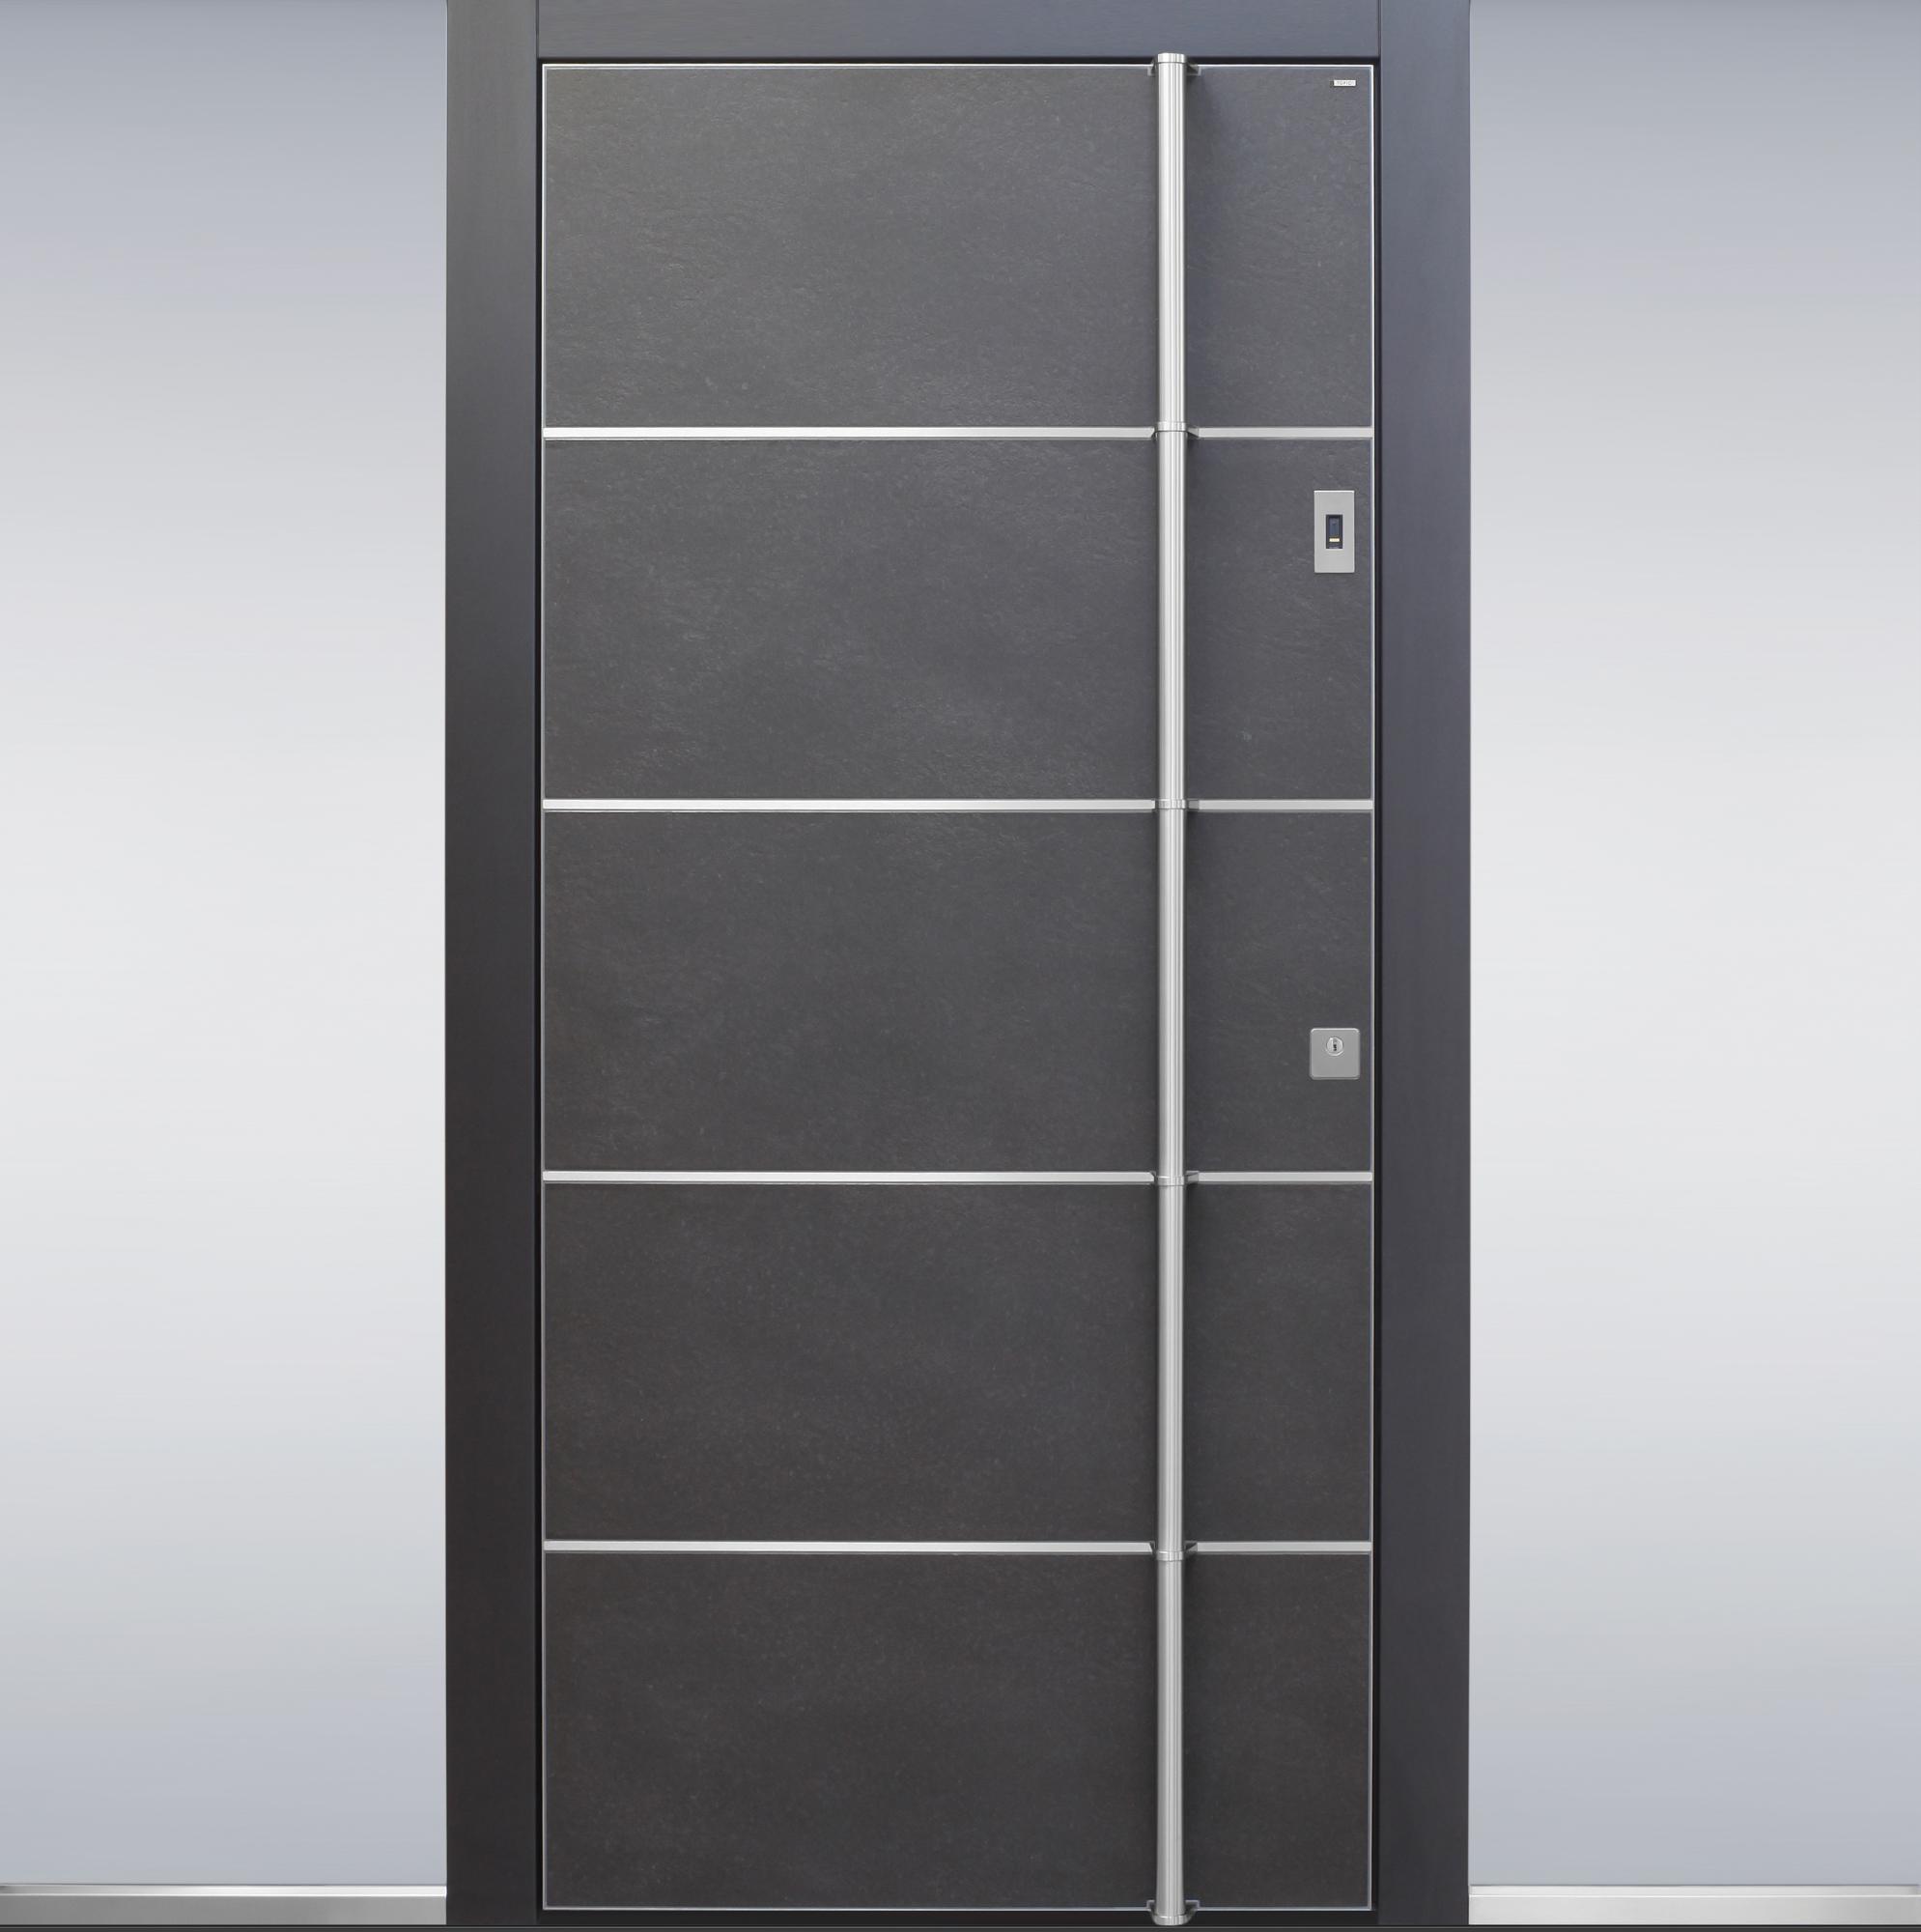 Haustüren anthrazit mit seitenteil  TOPIC - Haustüren von Meisterhand TOPIC Haustüren u. Wohnungstüren ...